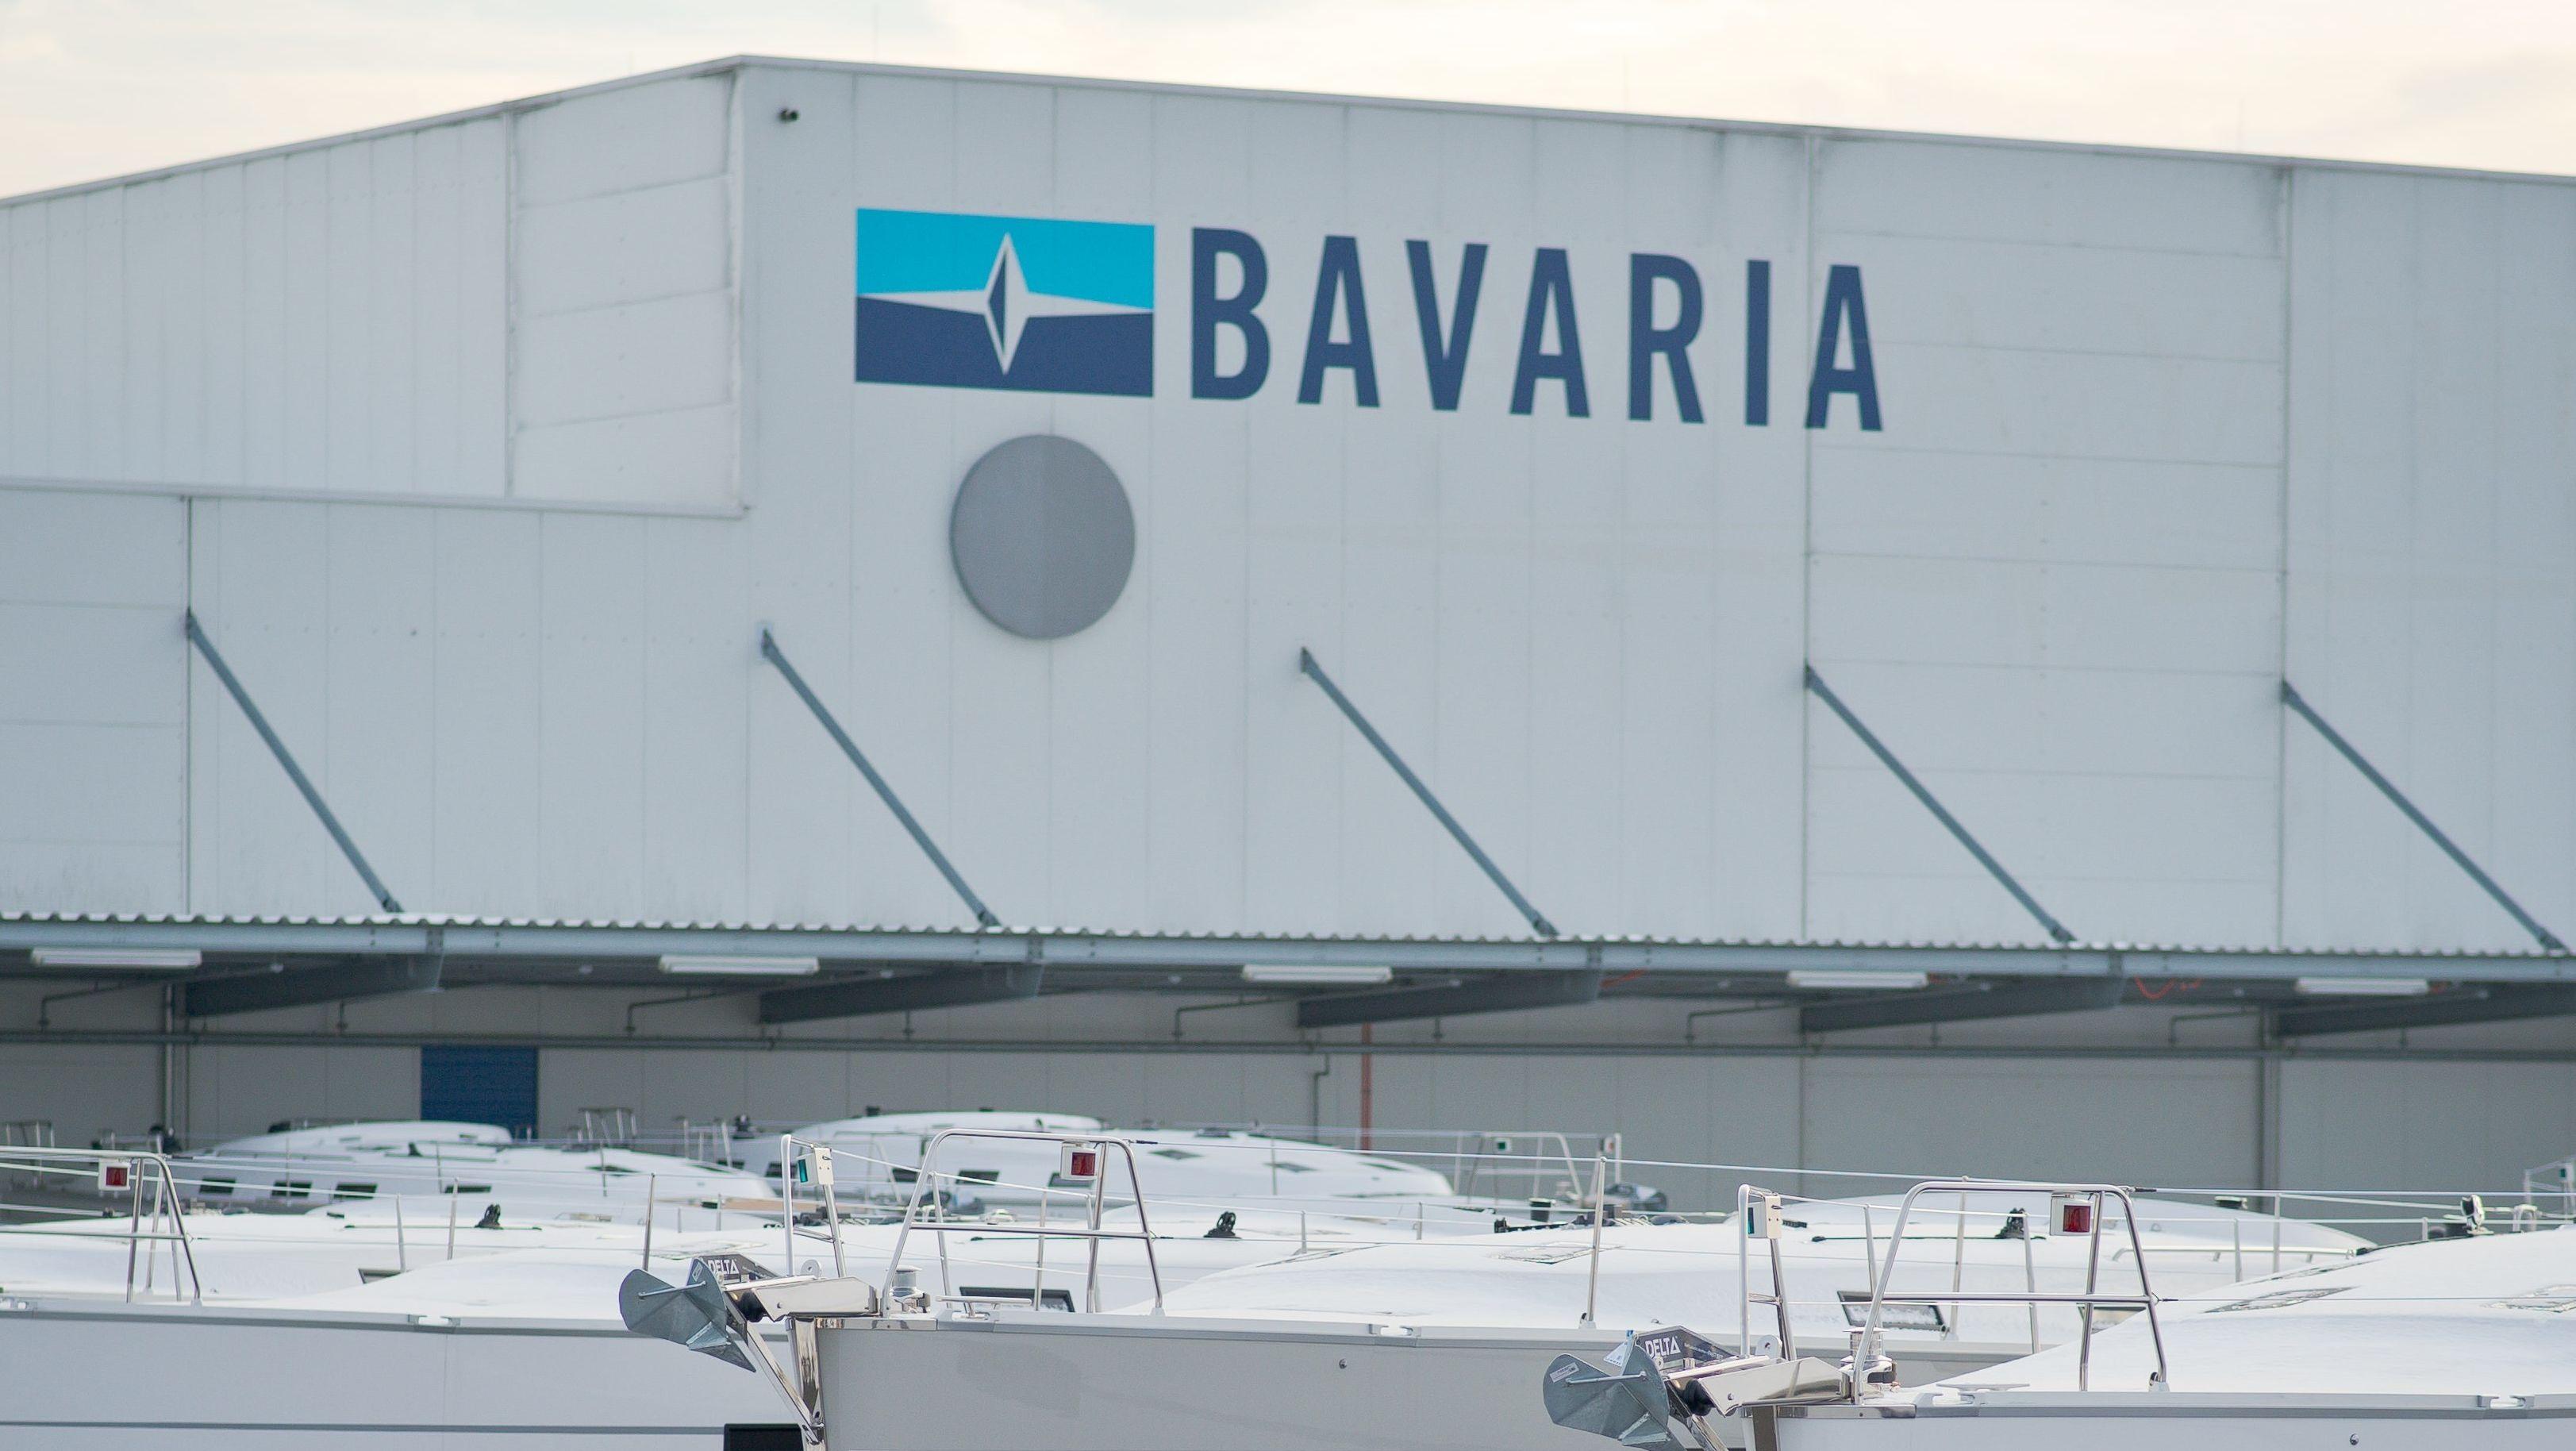 Bavaria-Yacht in Giebelstad